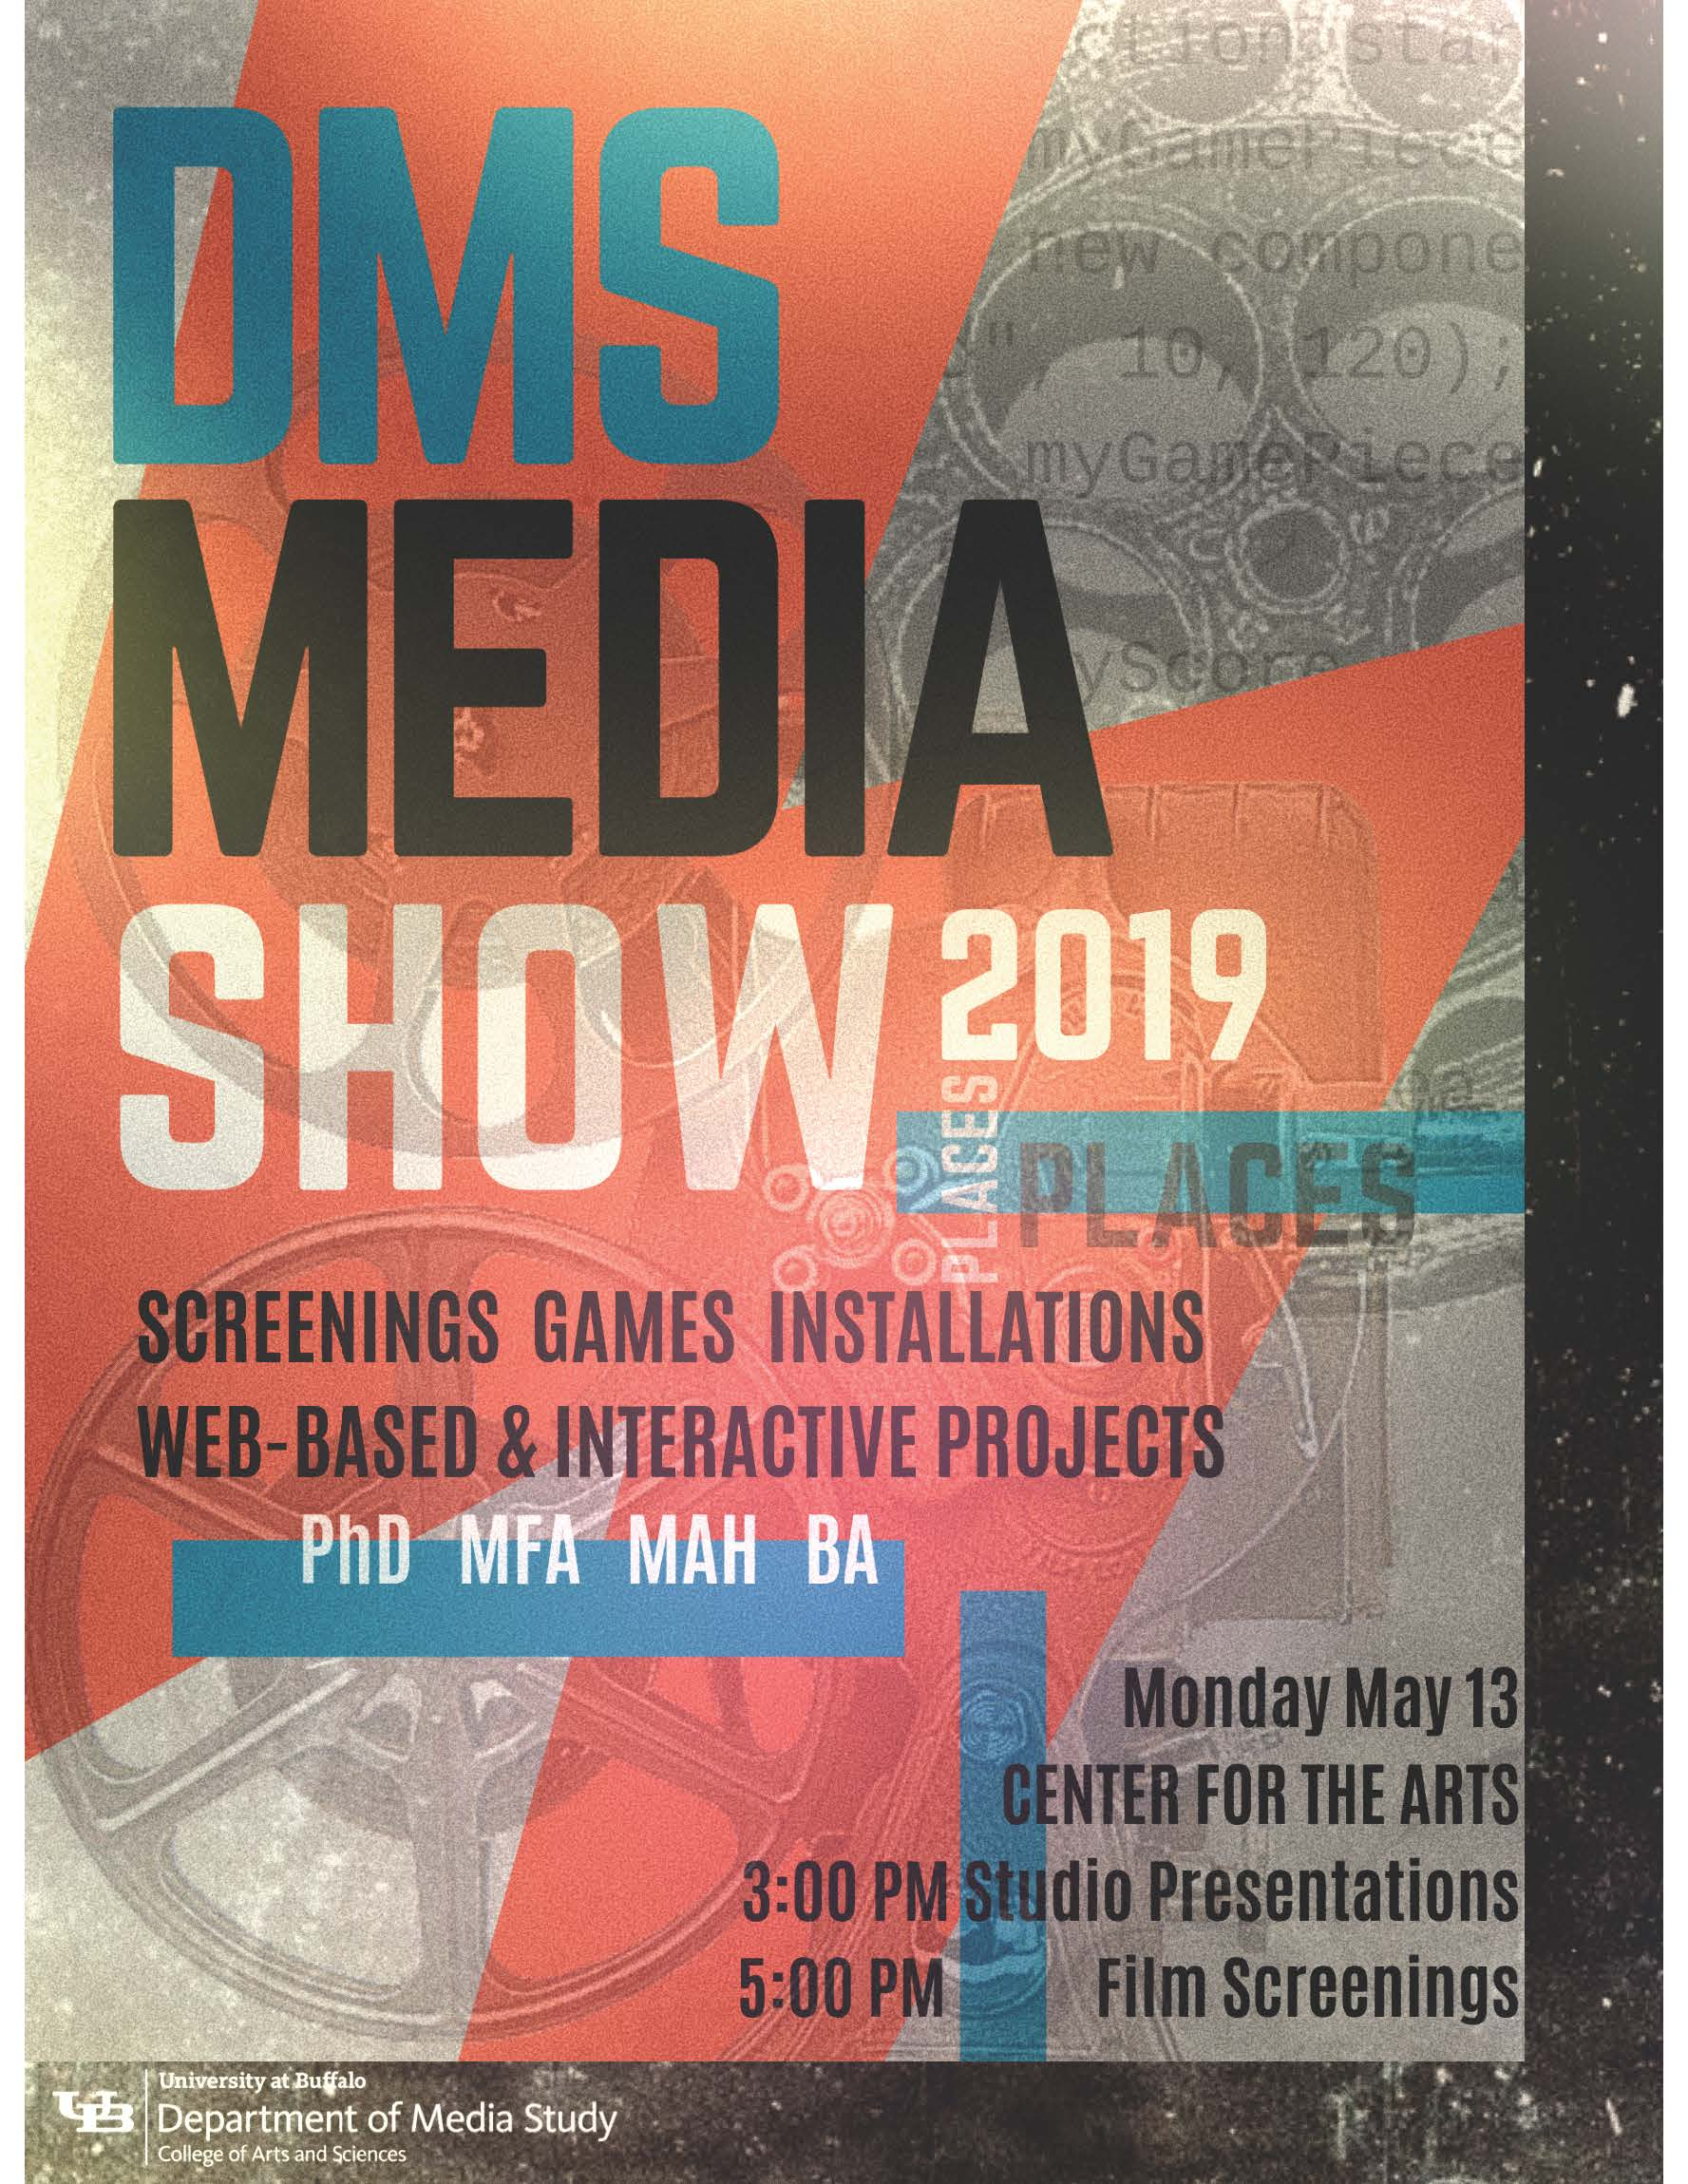 Ub Calendar 2019 UB Events Calendar   DMS MEDIA SHOW 2019